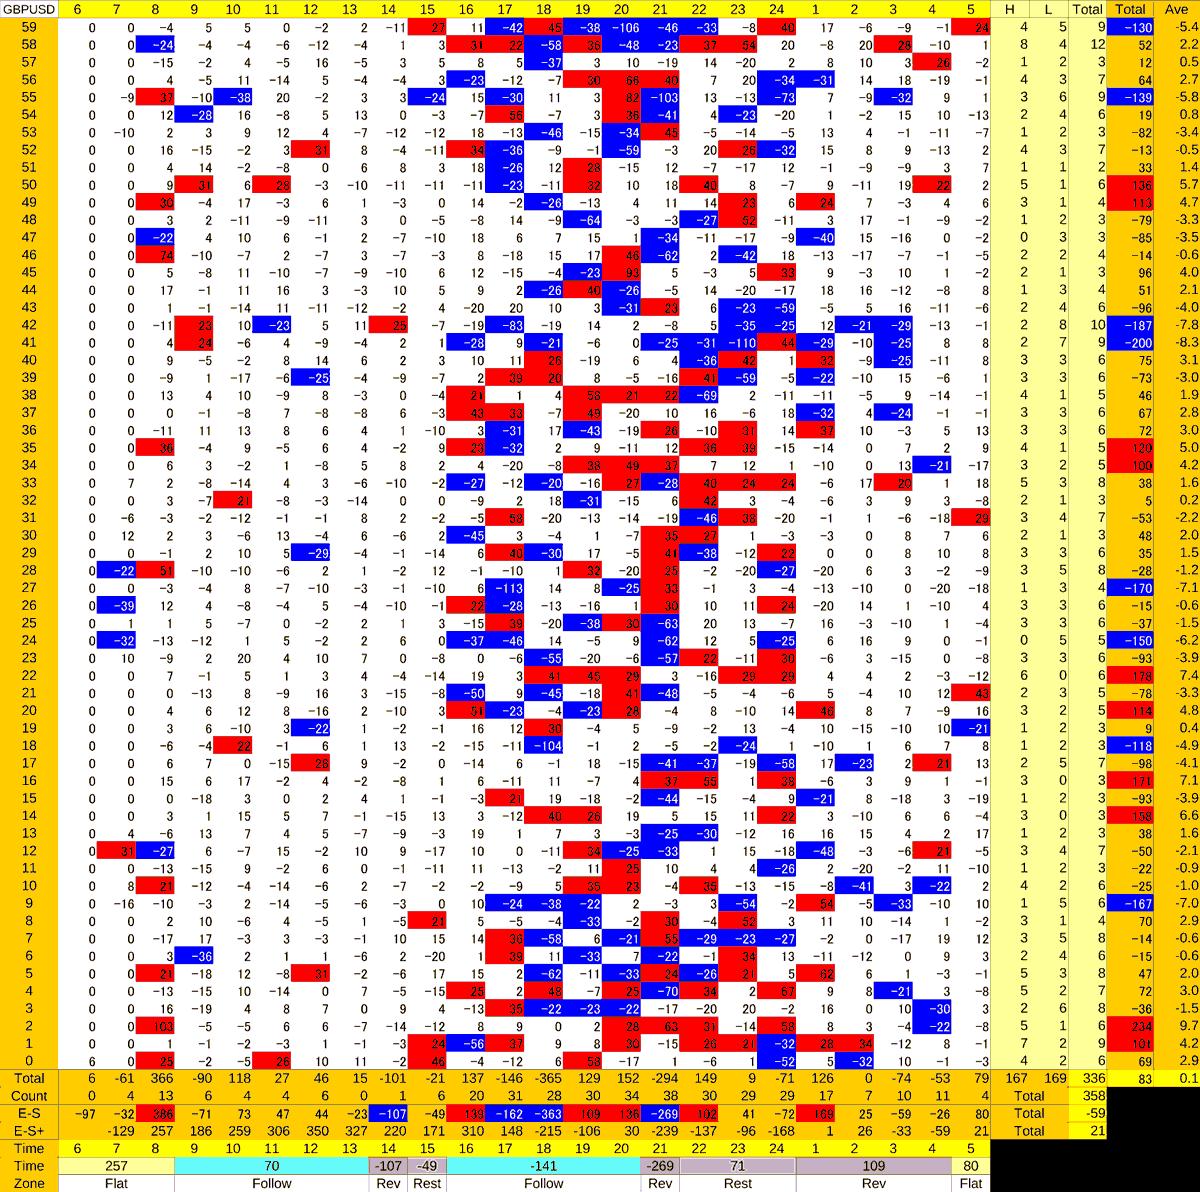 20201116_HS(2)GBPUSD